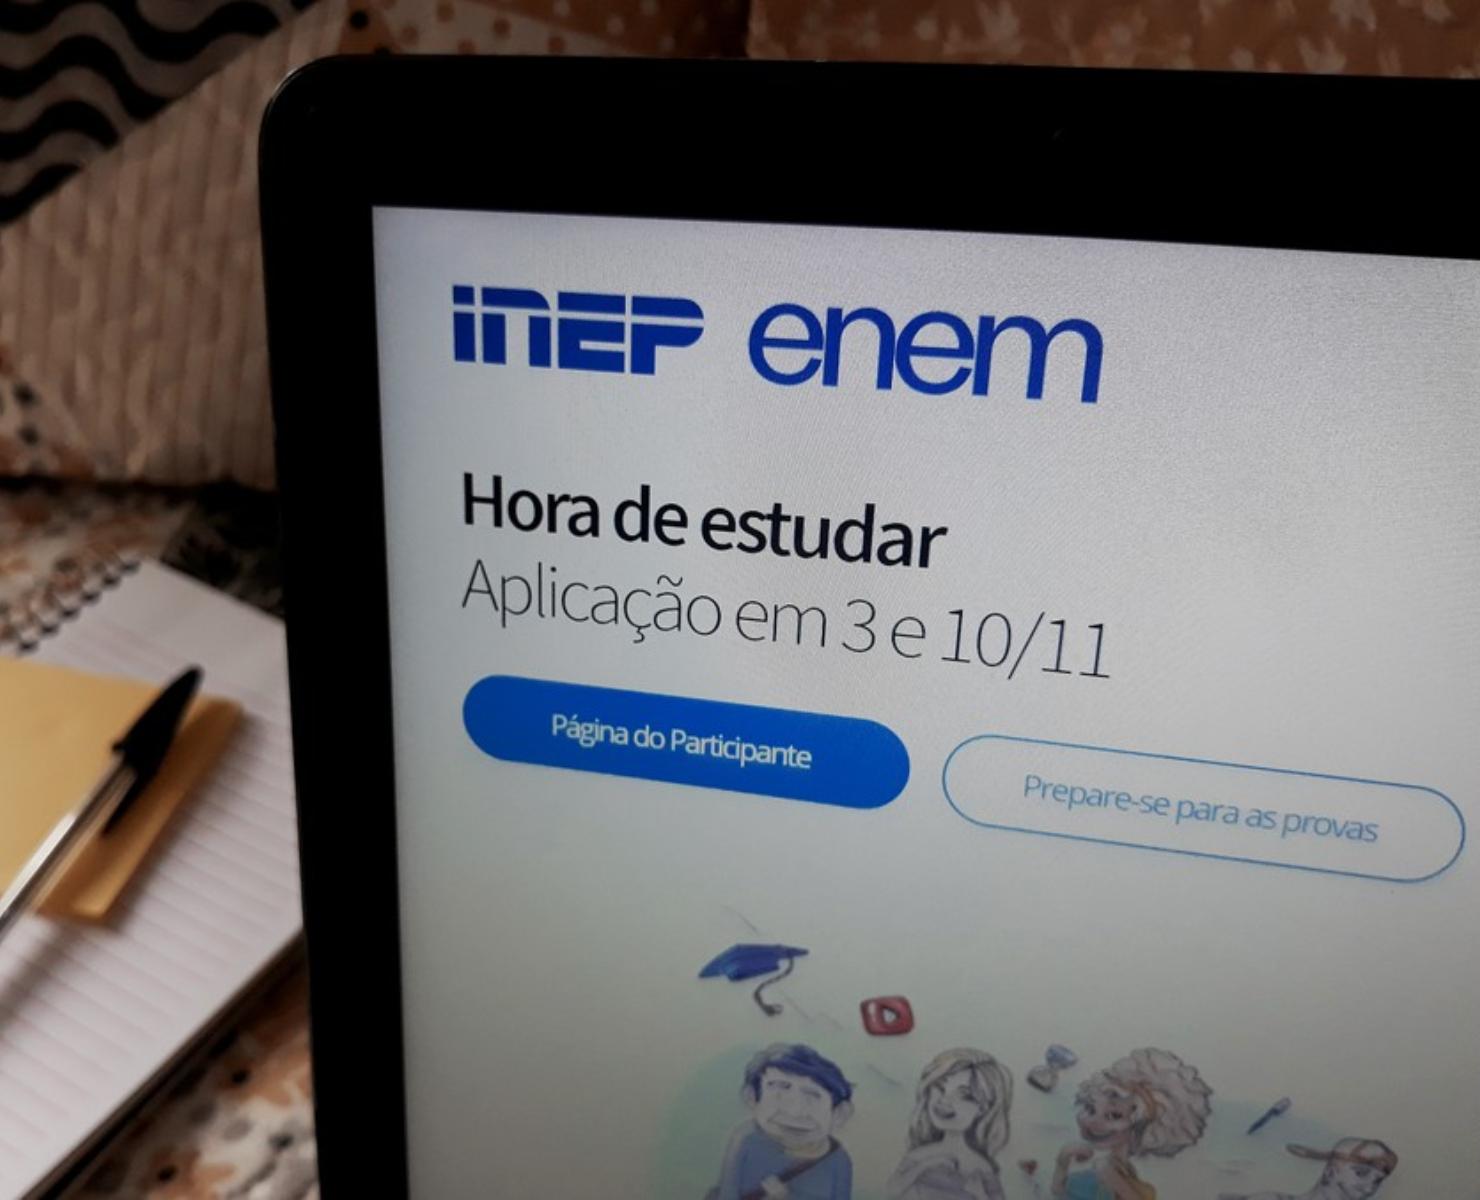 ENEM 2019: INEP DIVULGA LOCAIS DE PROVAS